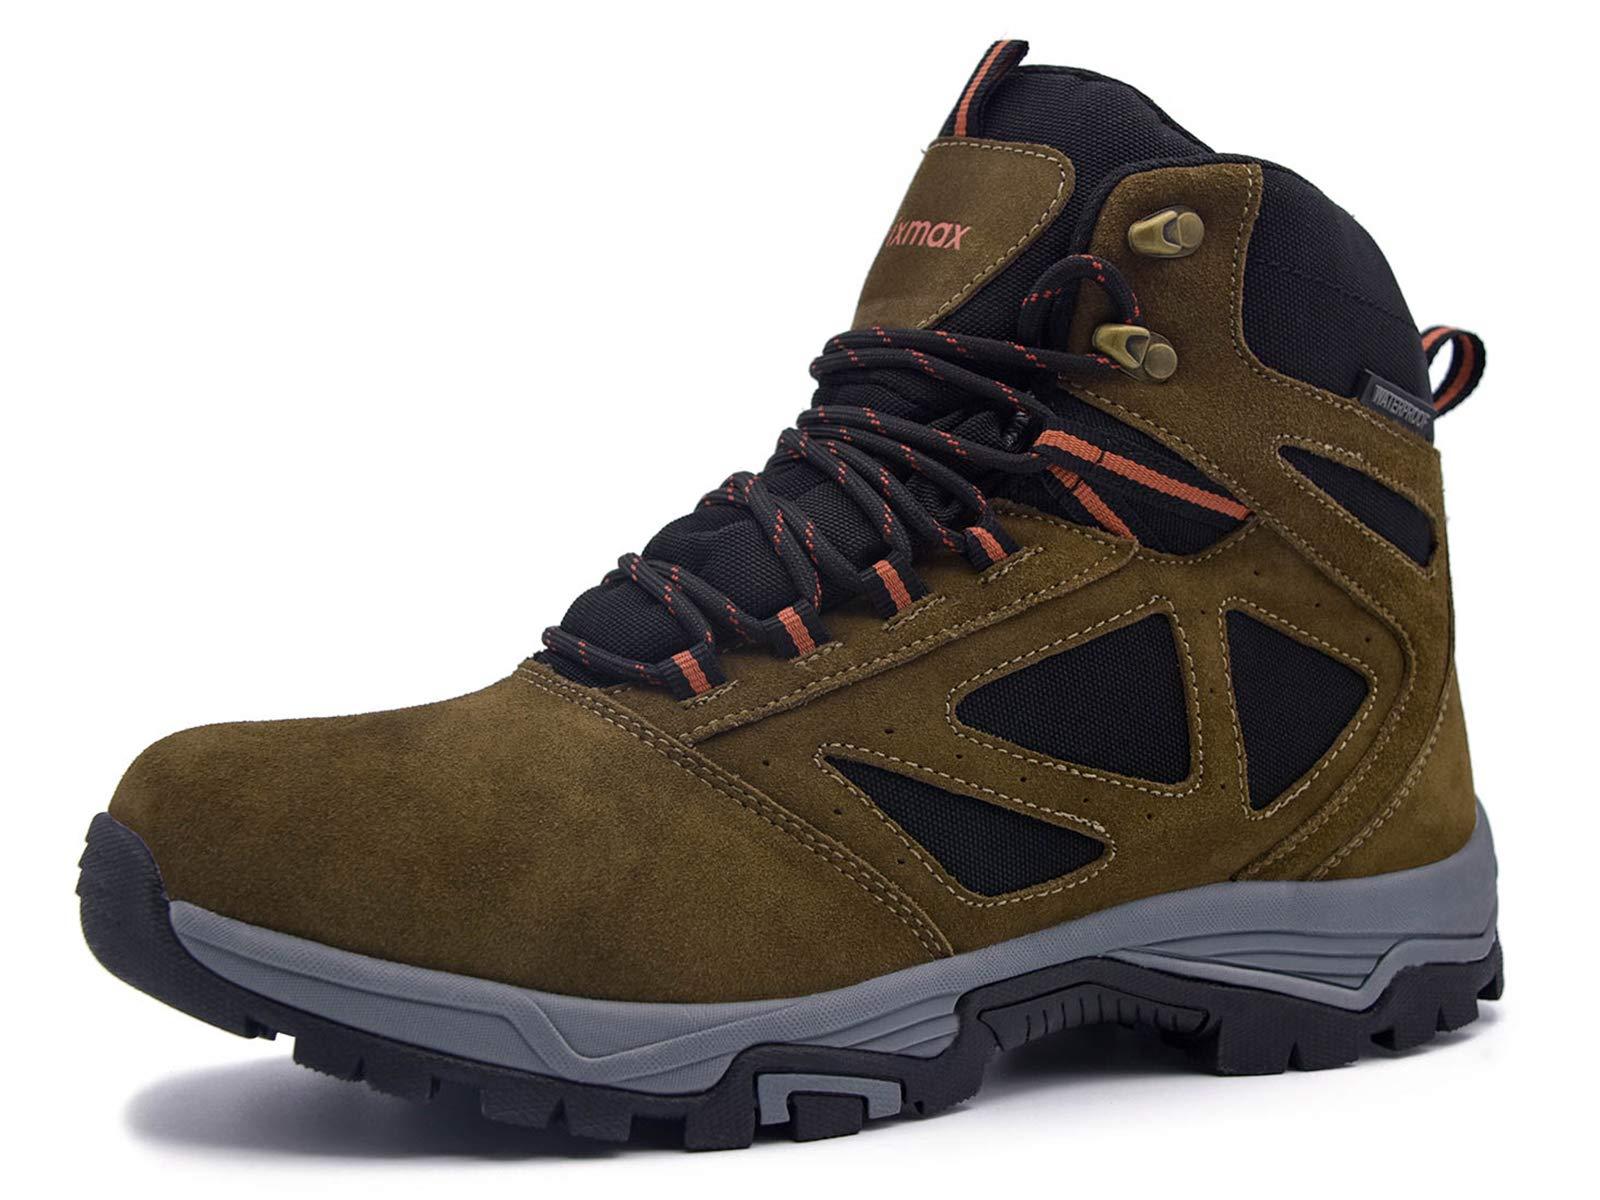 cd5eabc5952 Knixmax Femme Homme Chaussures De Randonnée Extérieure Non-Slip Semelle  Imperméable Trekking Chaussures De Marche